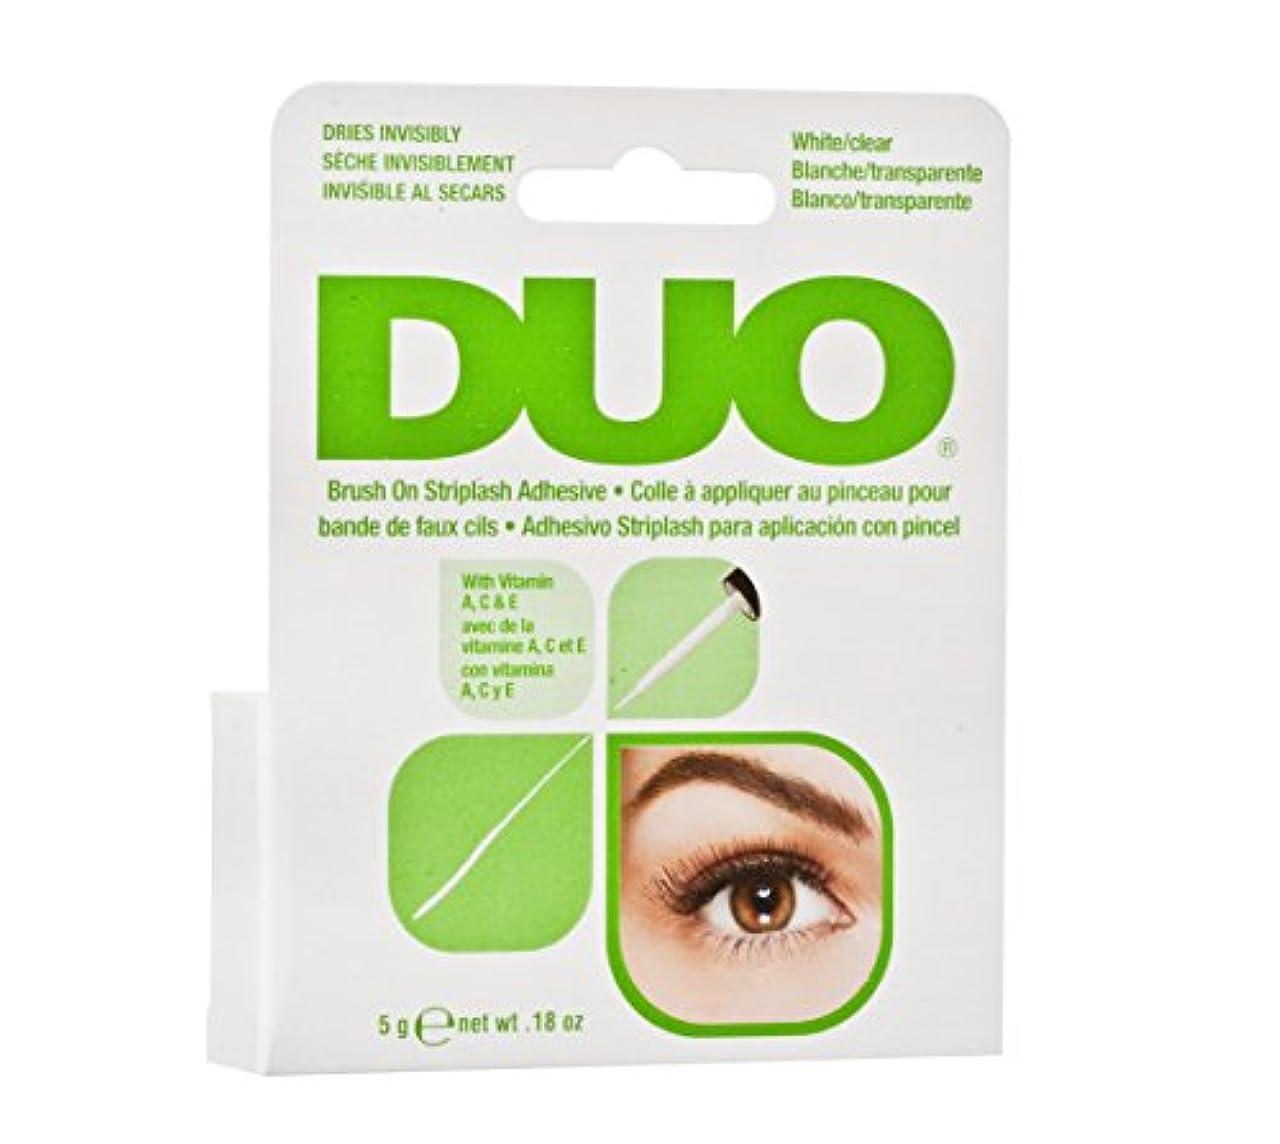 ライナー時期尚早敗北DUO Brush On Striplash Adhesive White/Clear (並行輸入品)